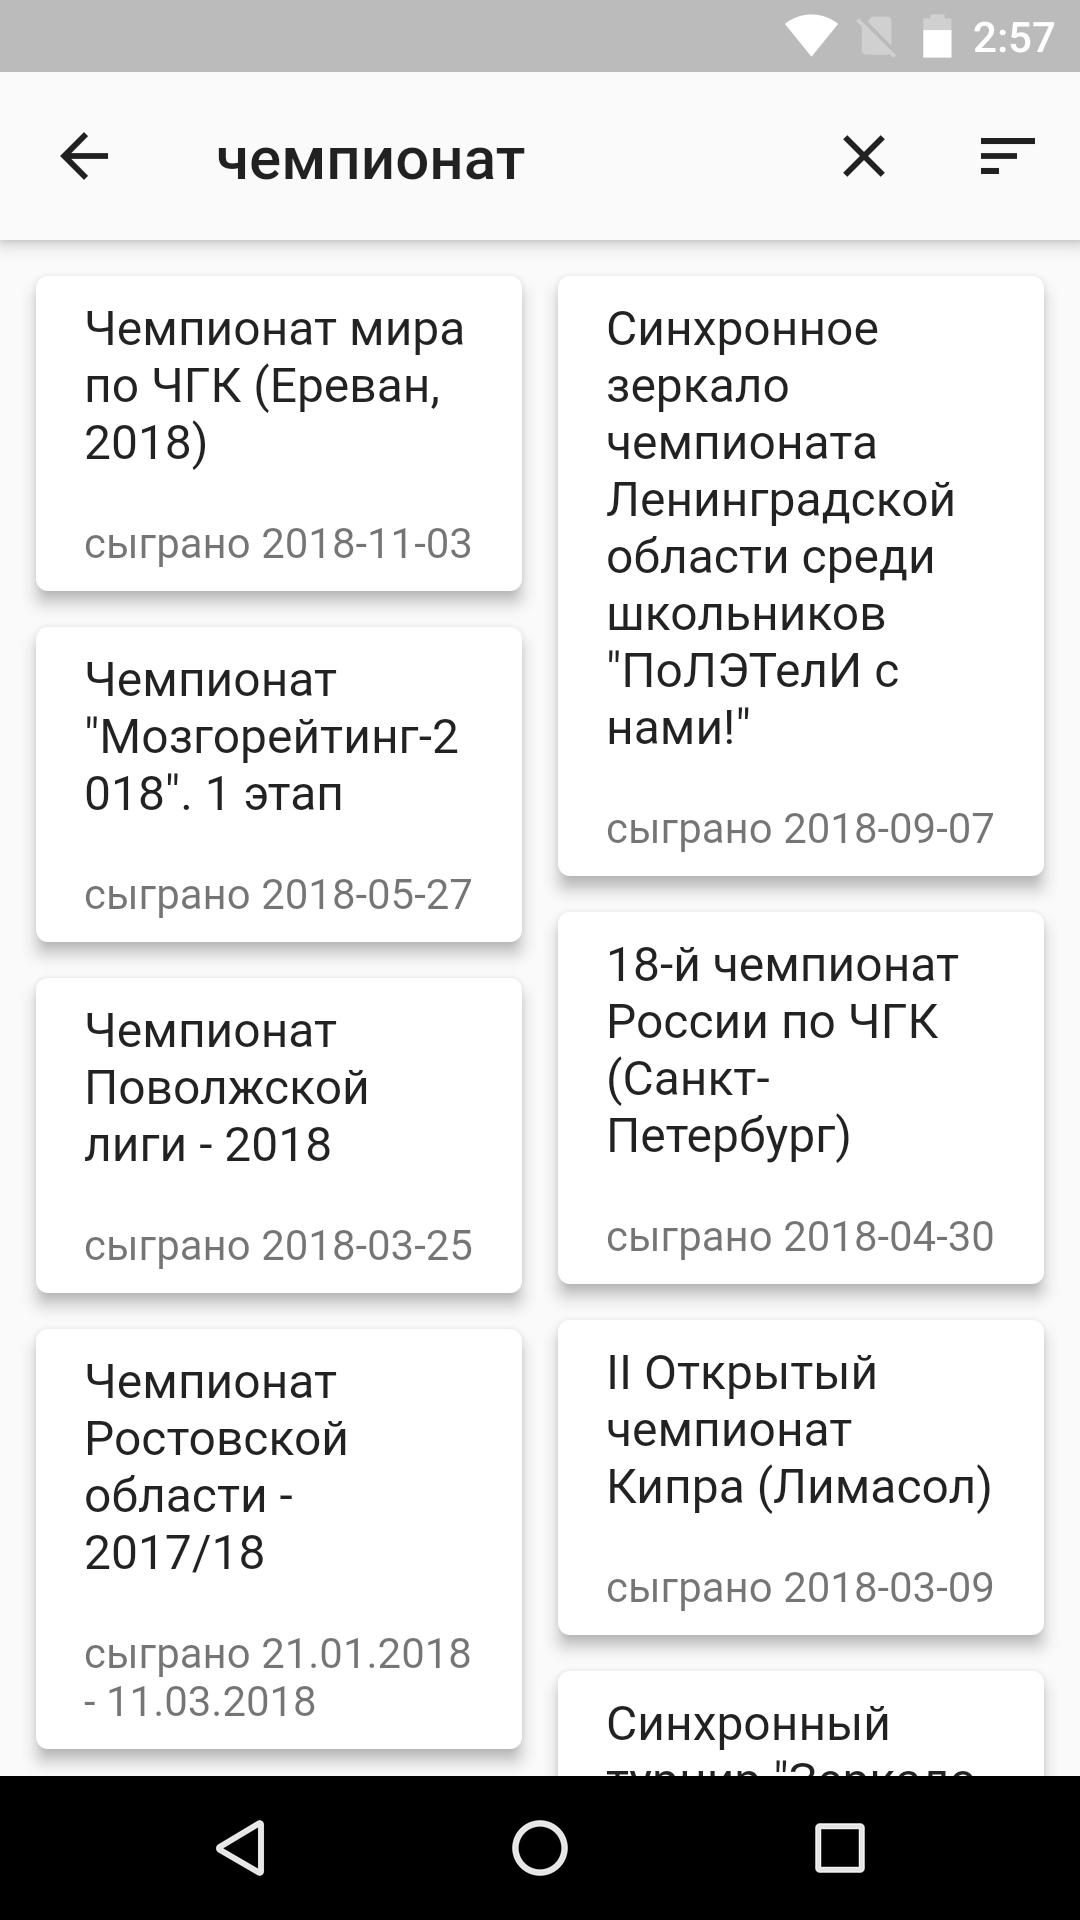 app-395-1